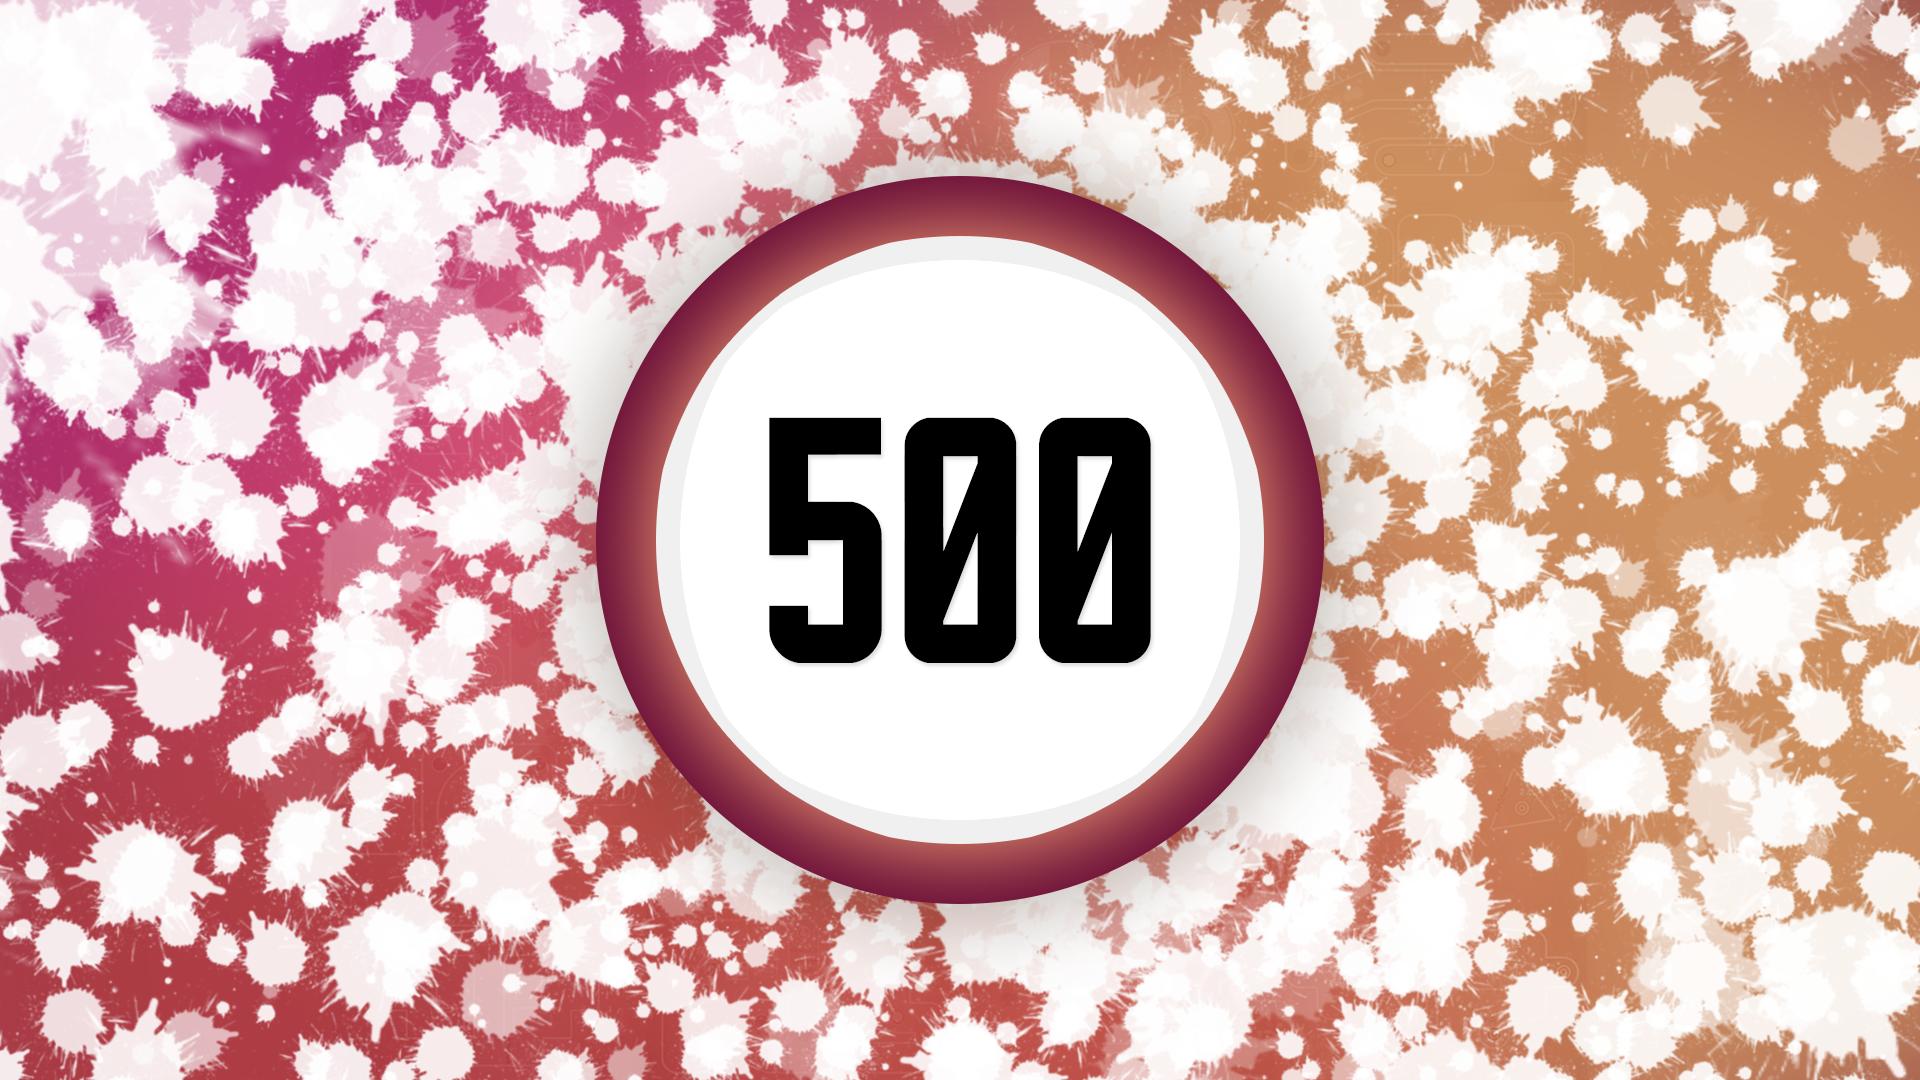 Splatter 500 times